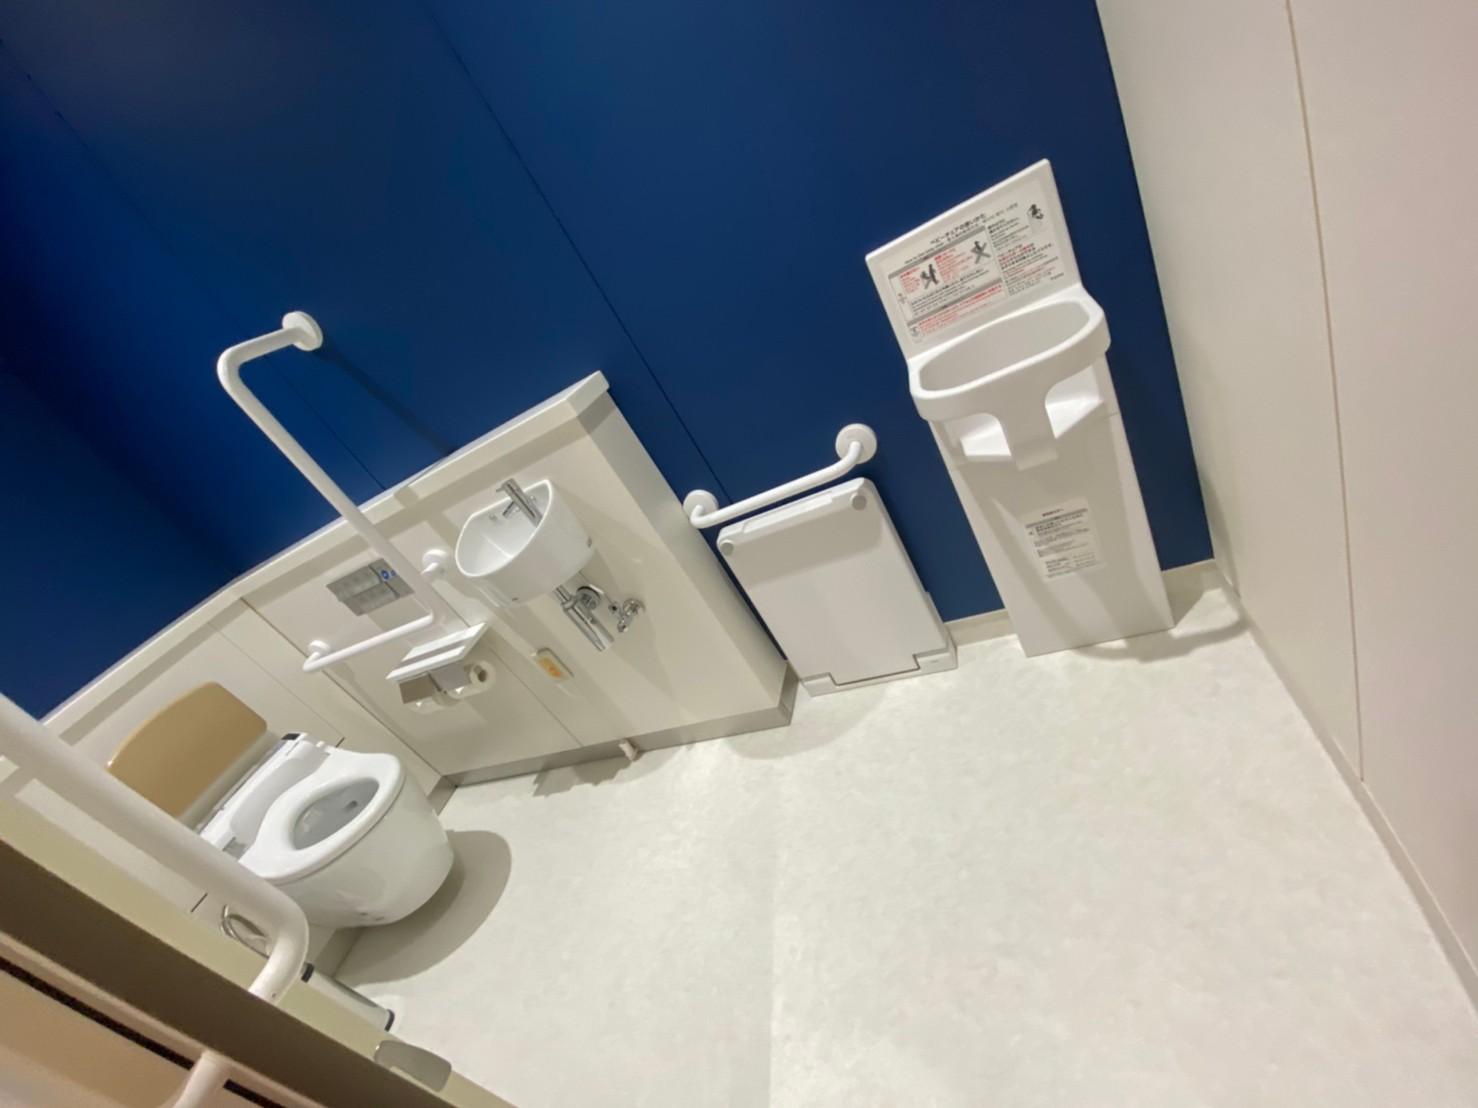 多目的トイレ3。簡易多機能トイレです